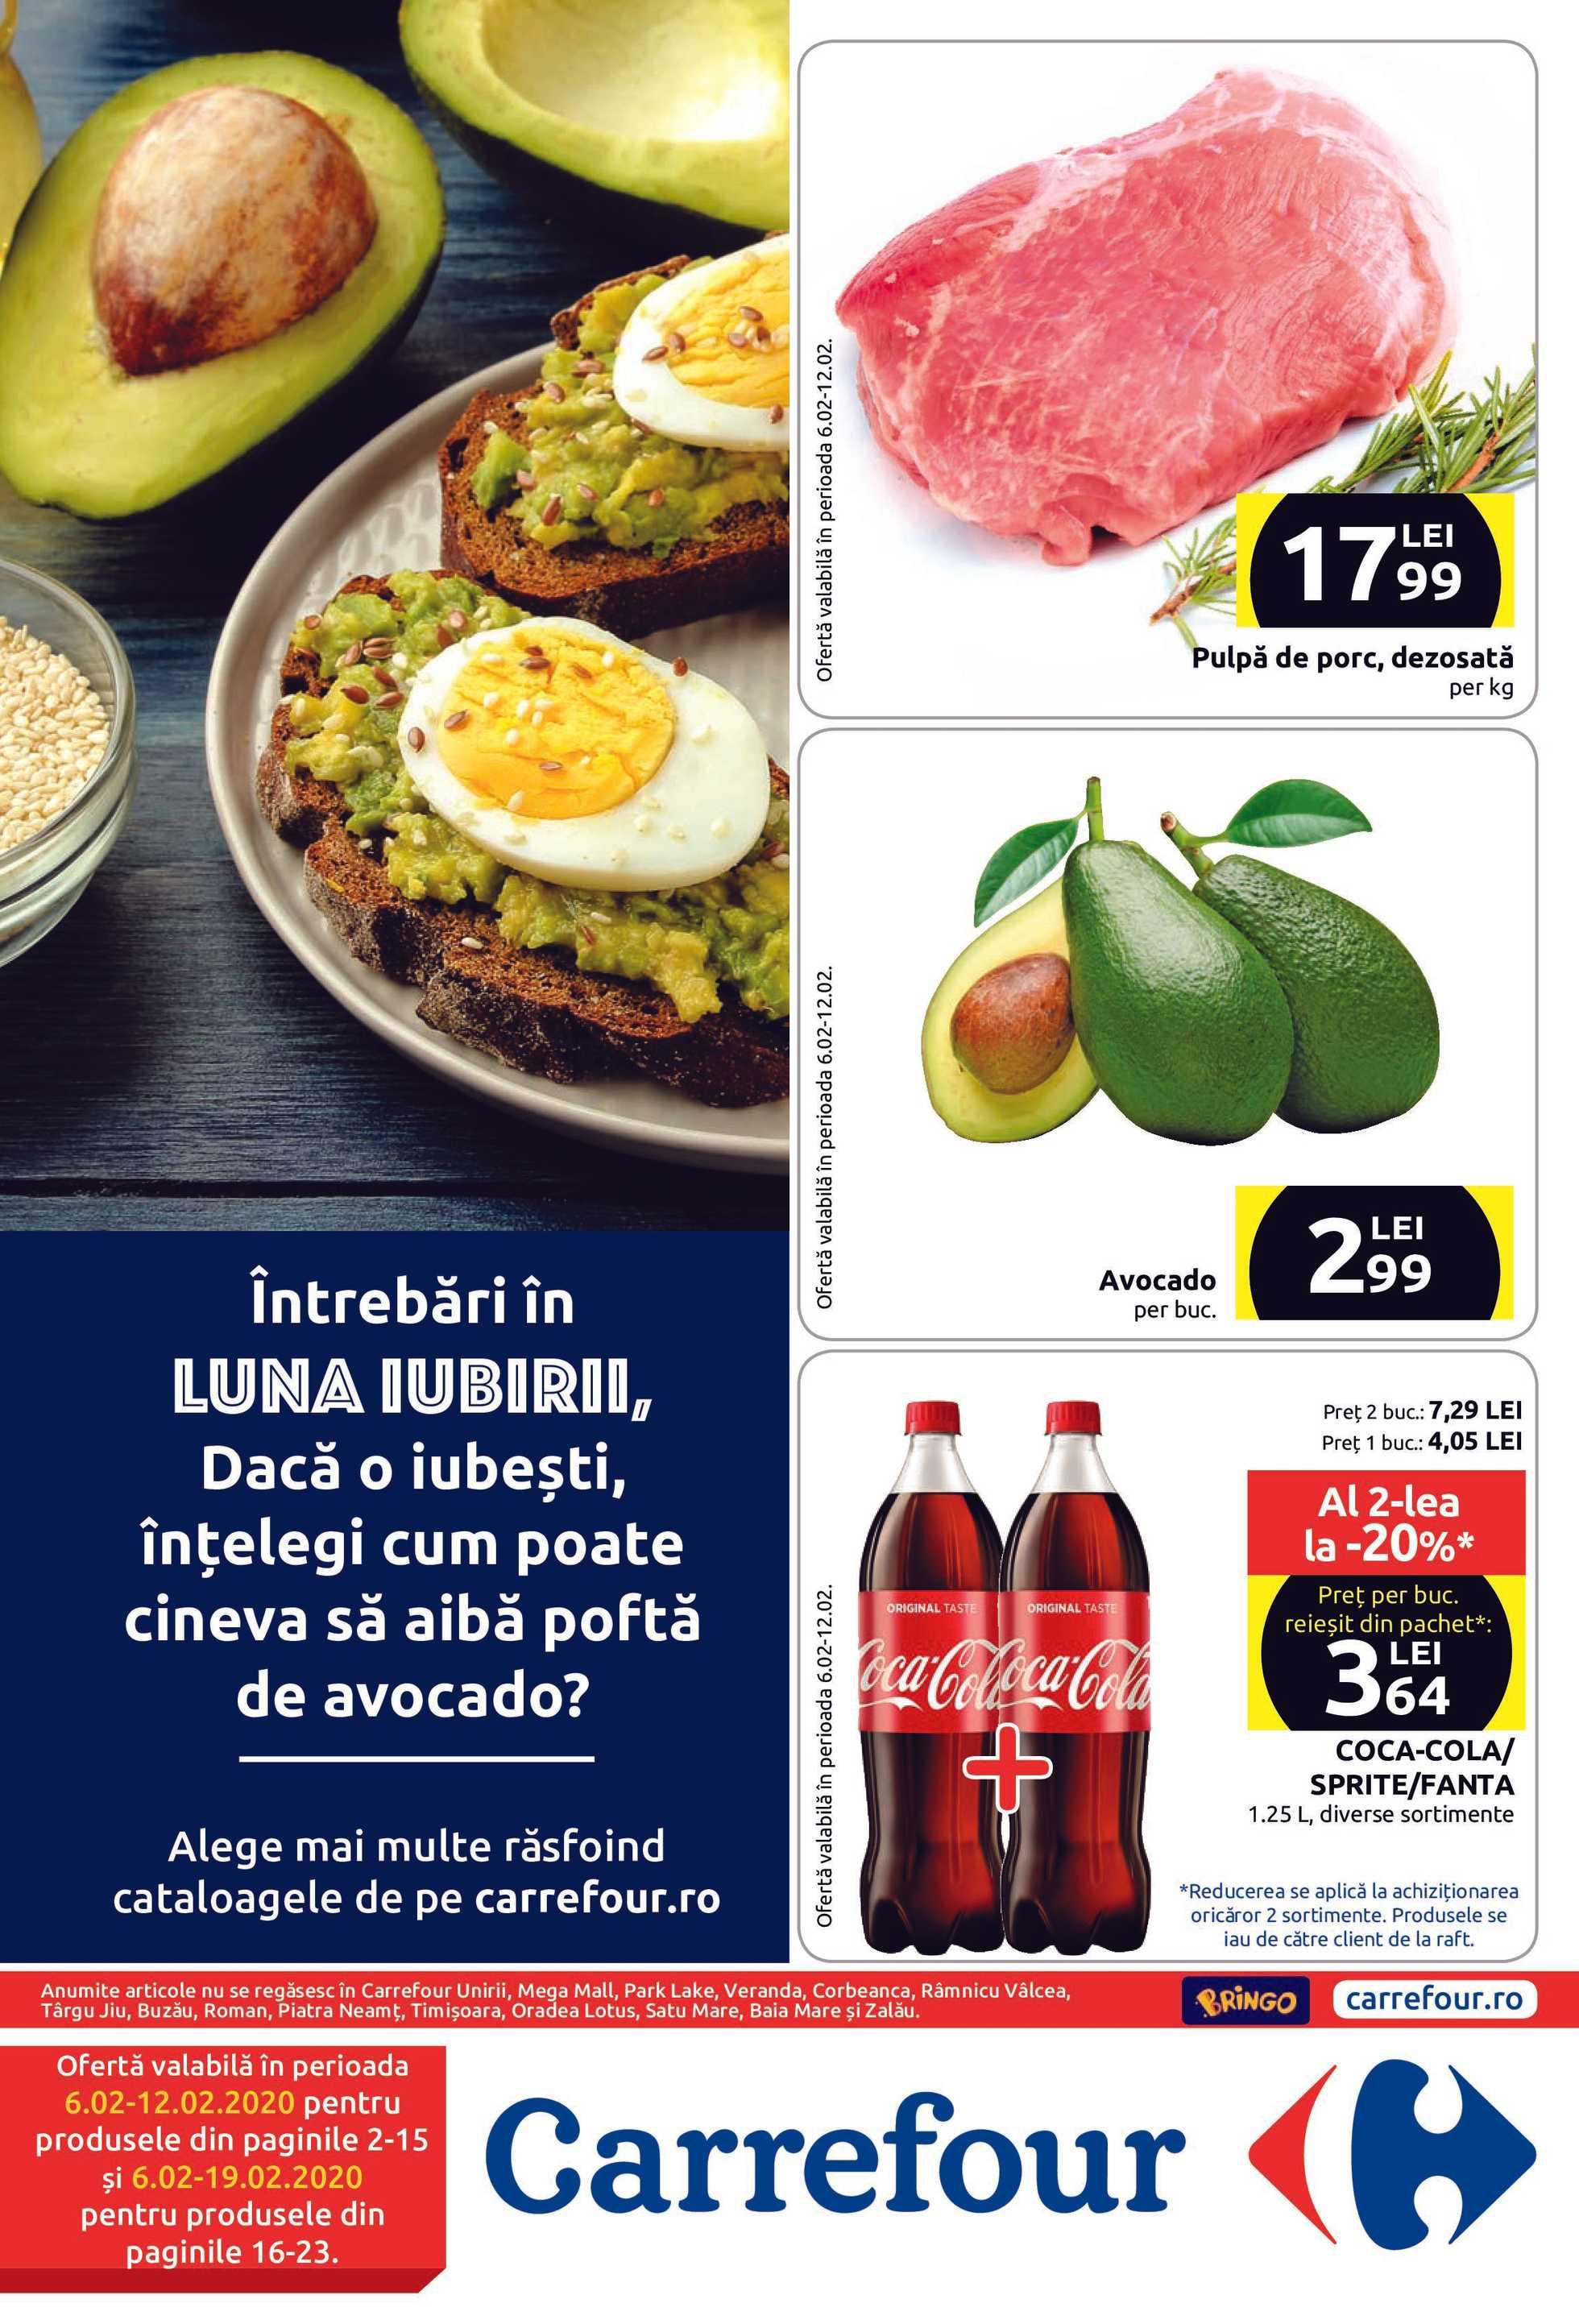 Carrefour - promo începând de la 06.02.2020 până la 19.02.2020 - pagină 1.